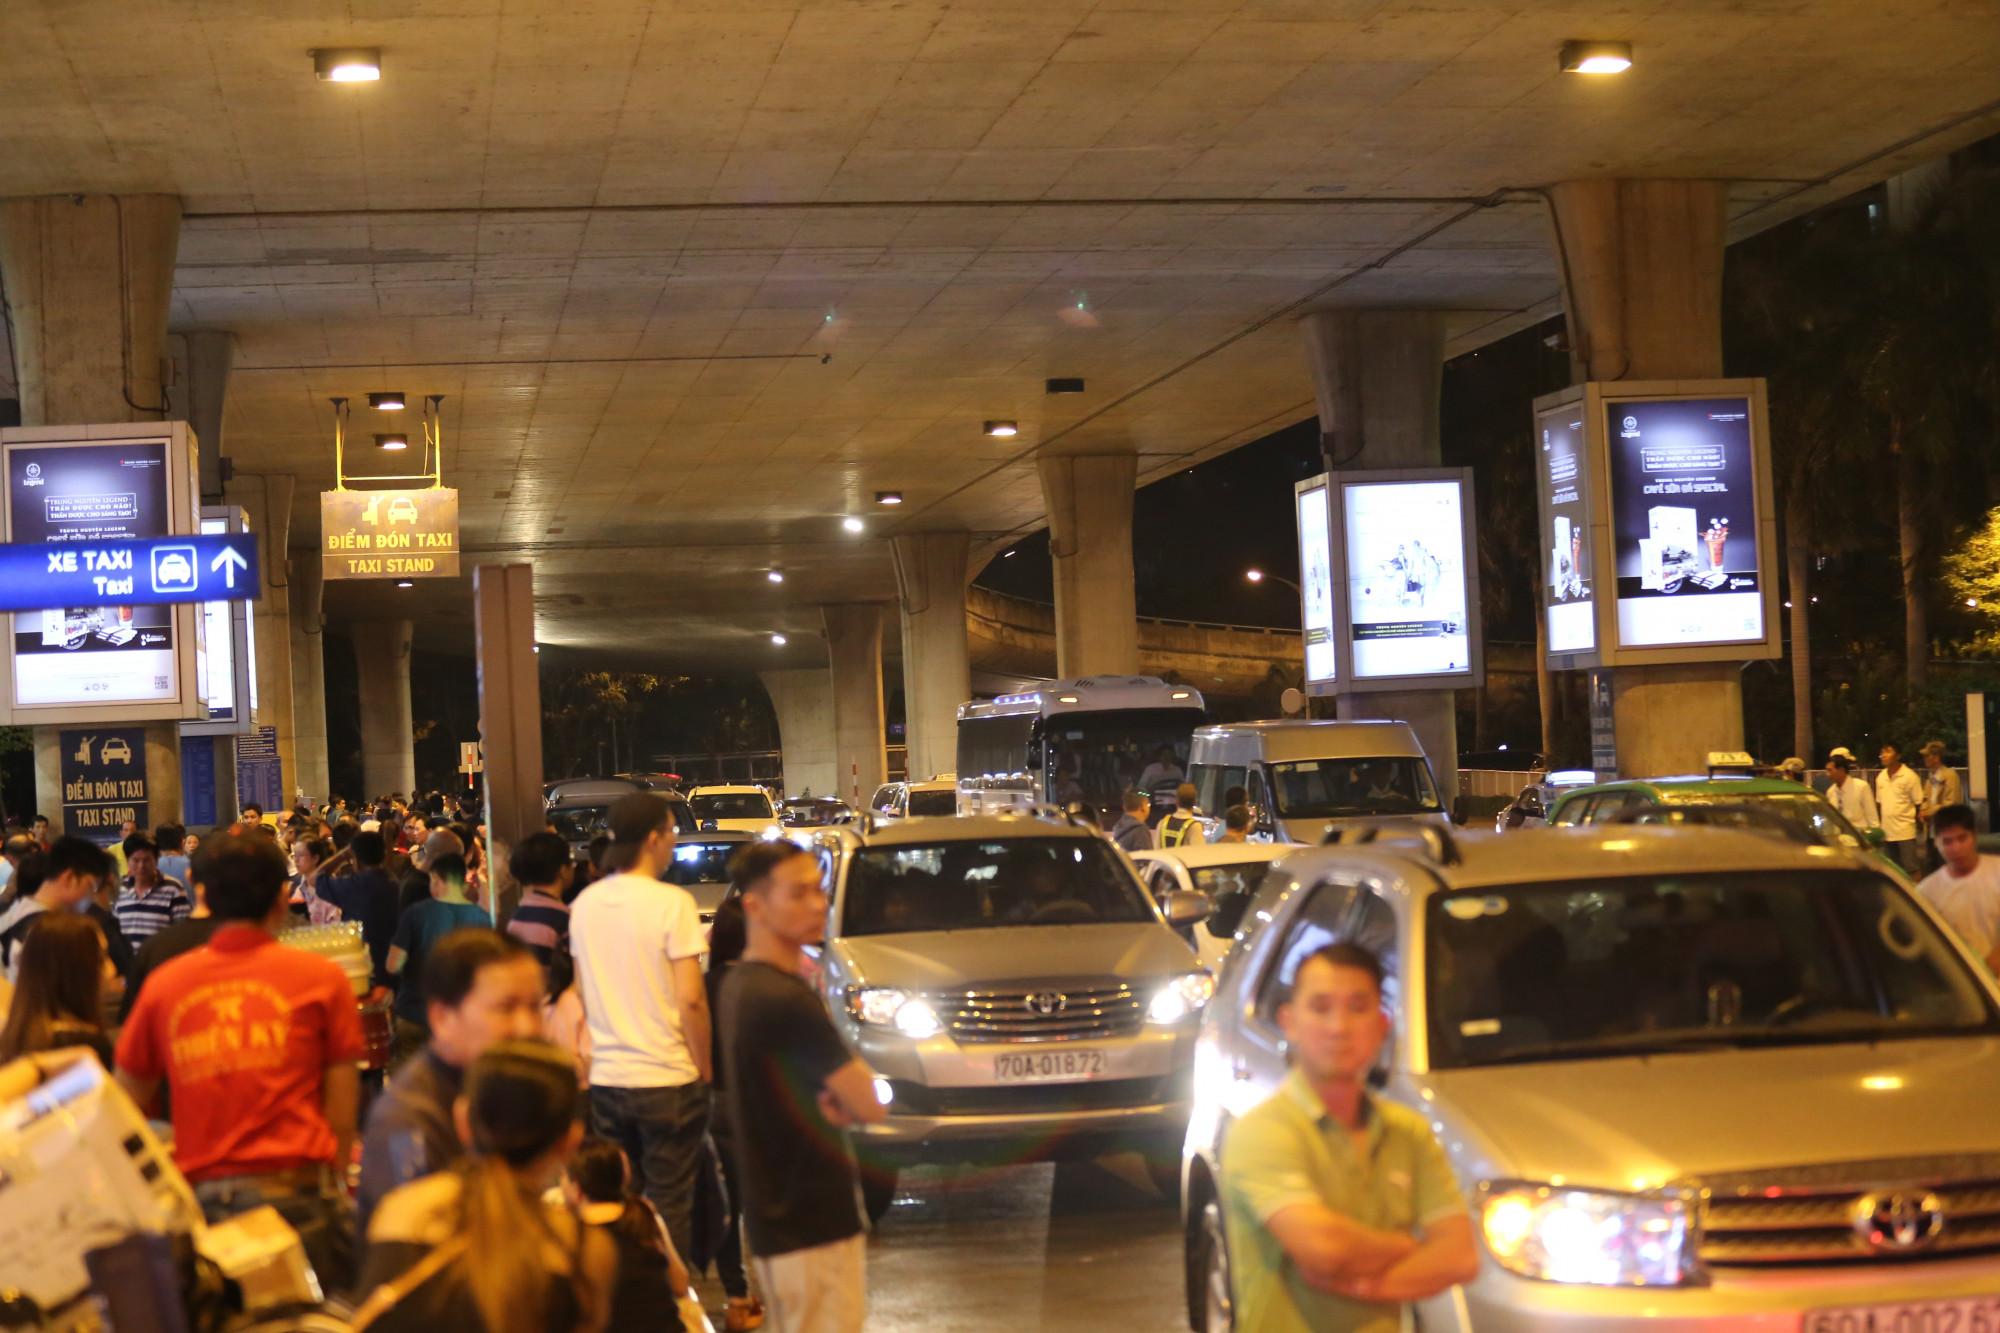 Tình trạng ùn ứ liên tục xảy ra khiến nhiều khách đợi taxi cũng mất nhiều thời gian.